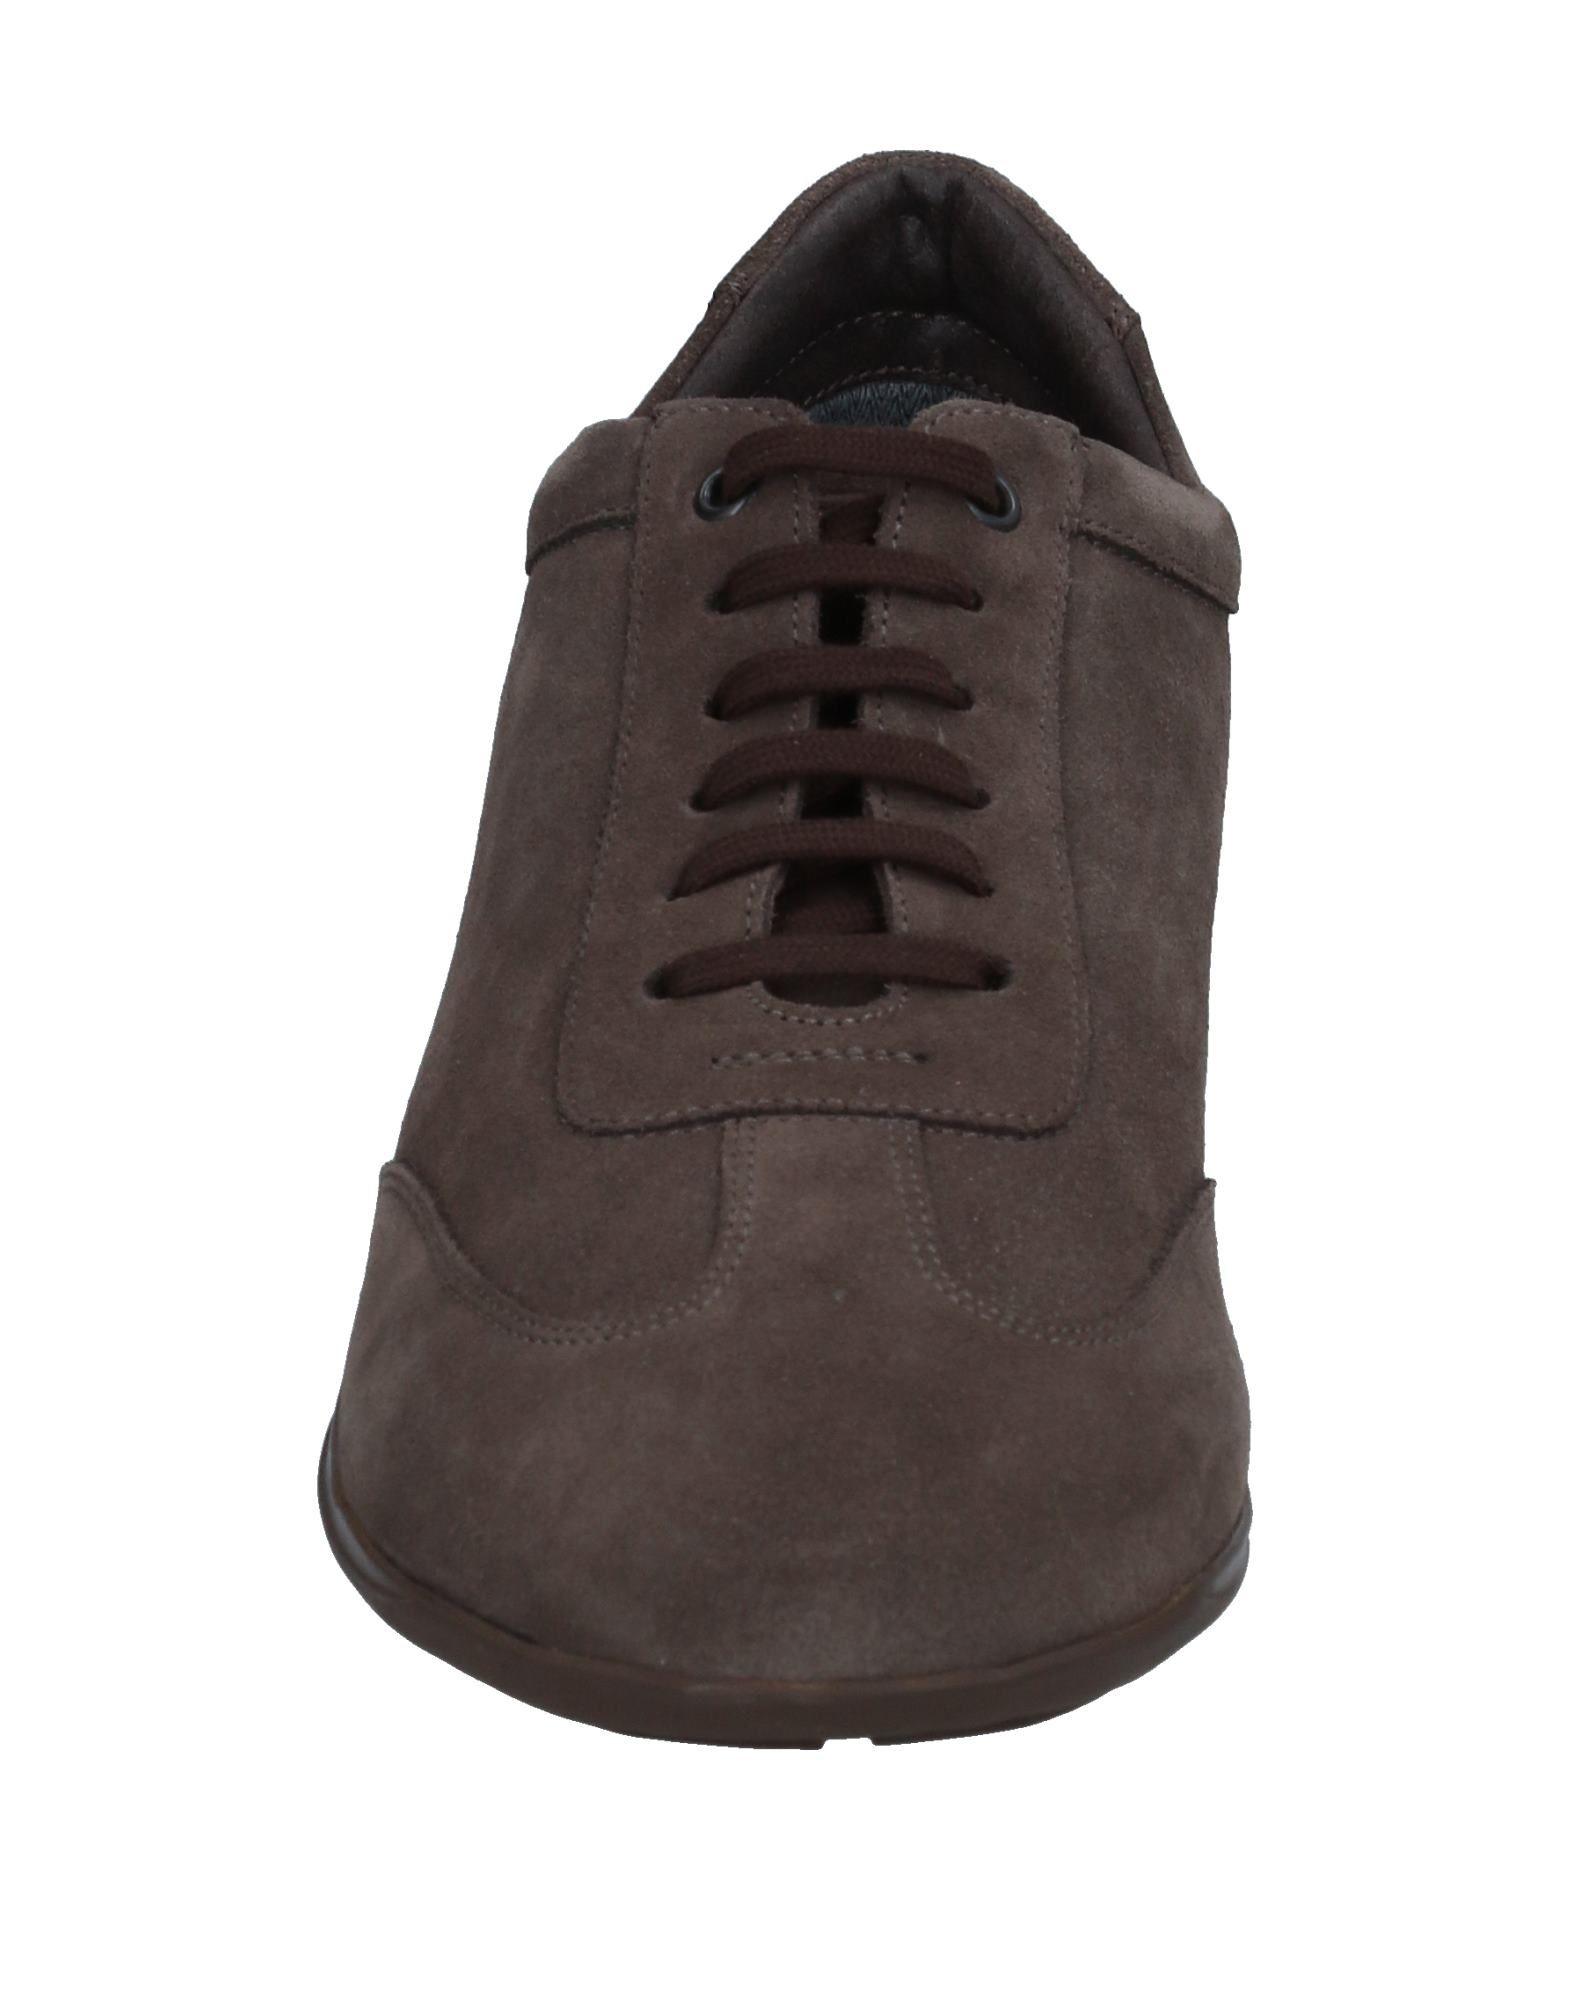 Anderson Anderson  Sneakers Herren  11521672XS 4914c5